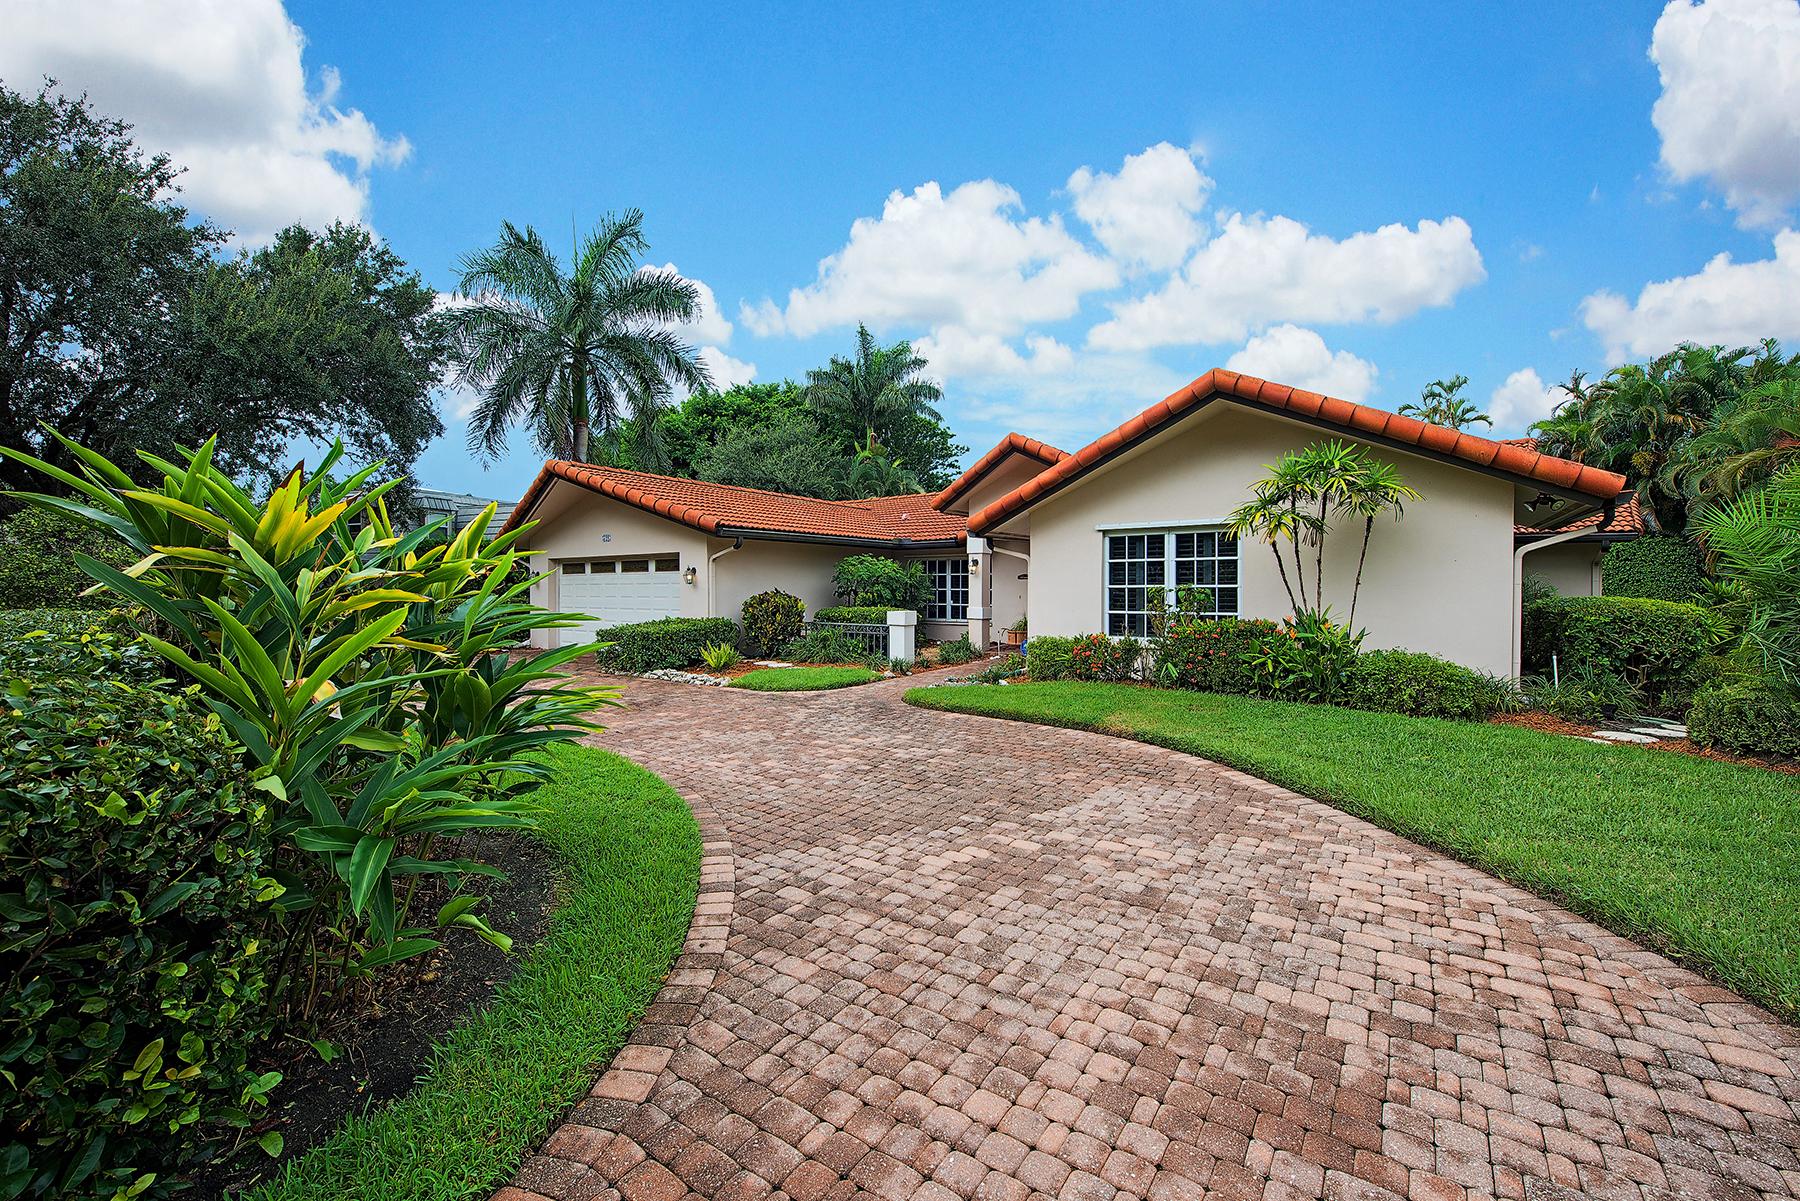 Maison unifamiliale pour l Vente à PARK SHORE 721 Willowhead Dr Naples, Florida, 34103 États-Unis